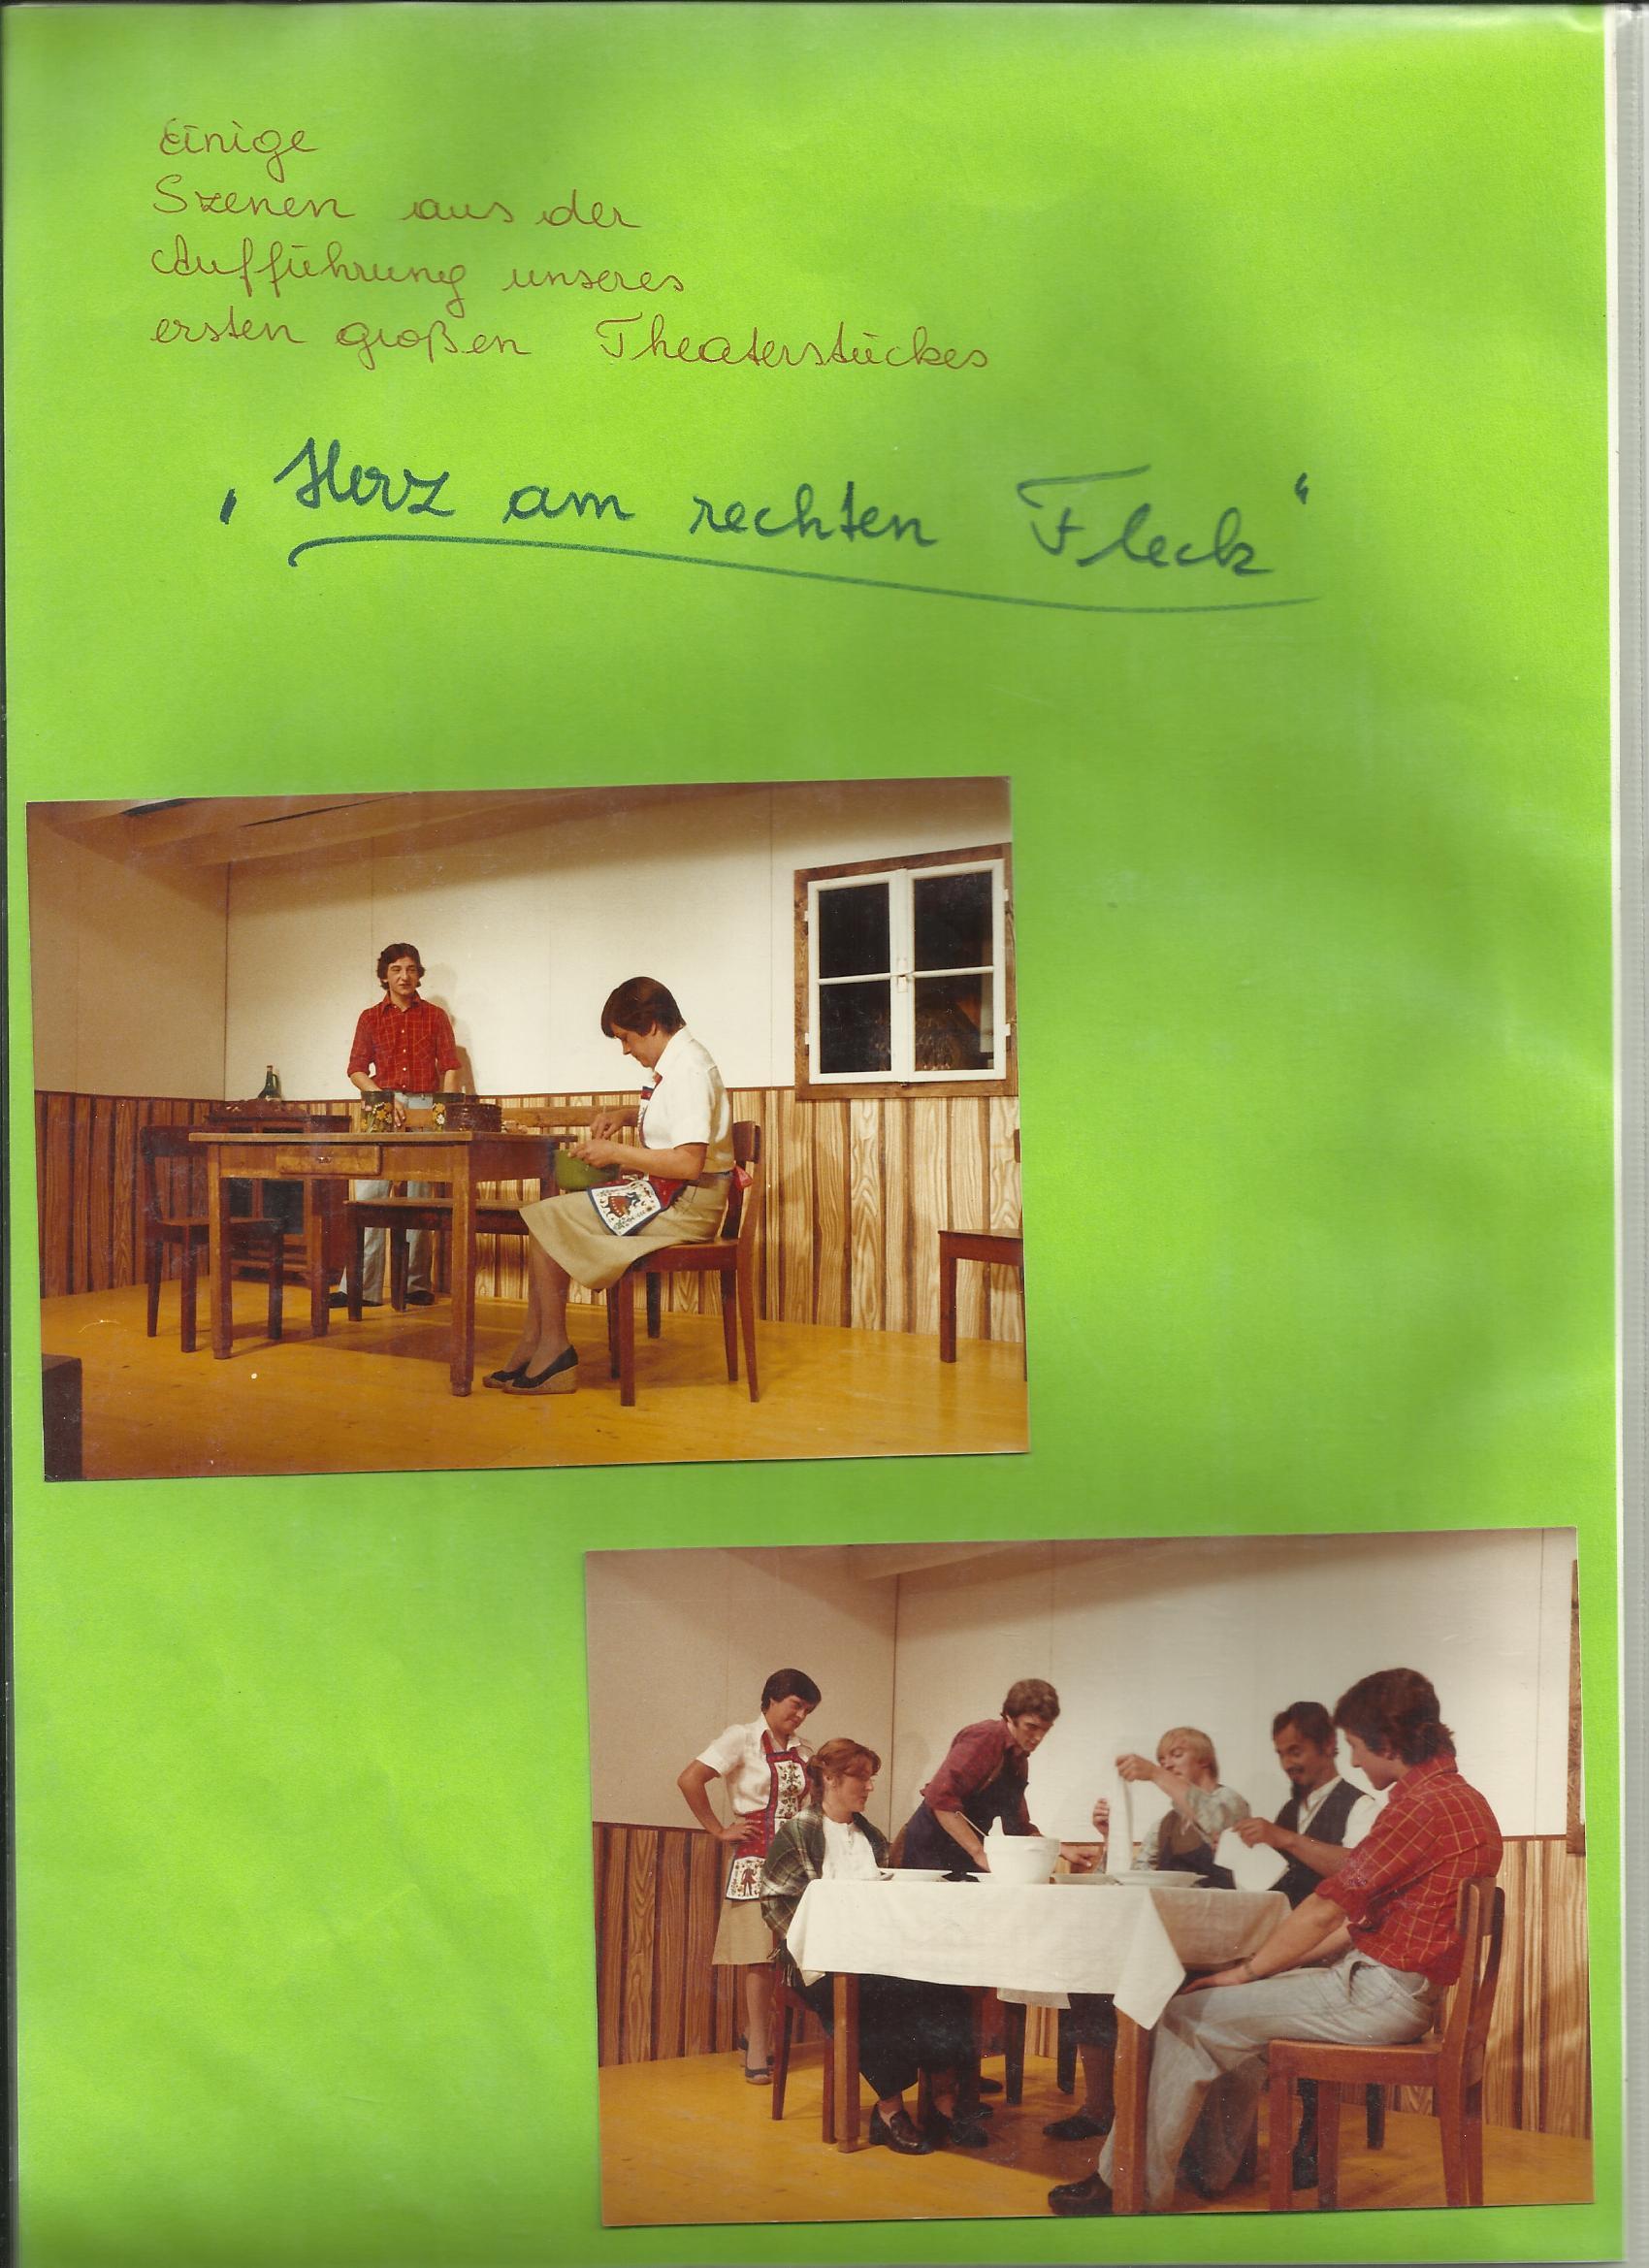 TV 1977 Herz am rechten Fleck0002